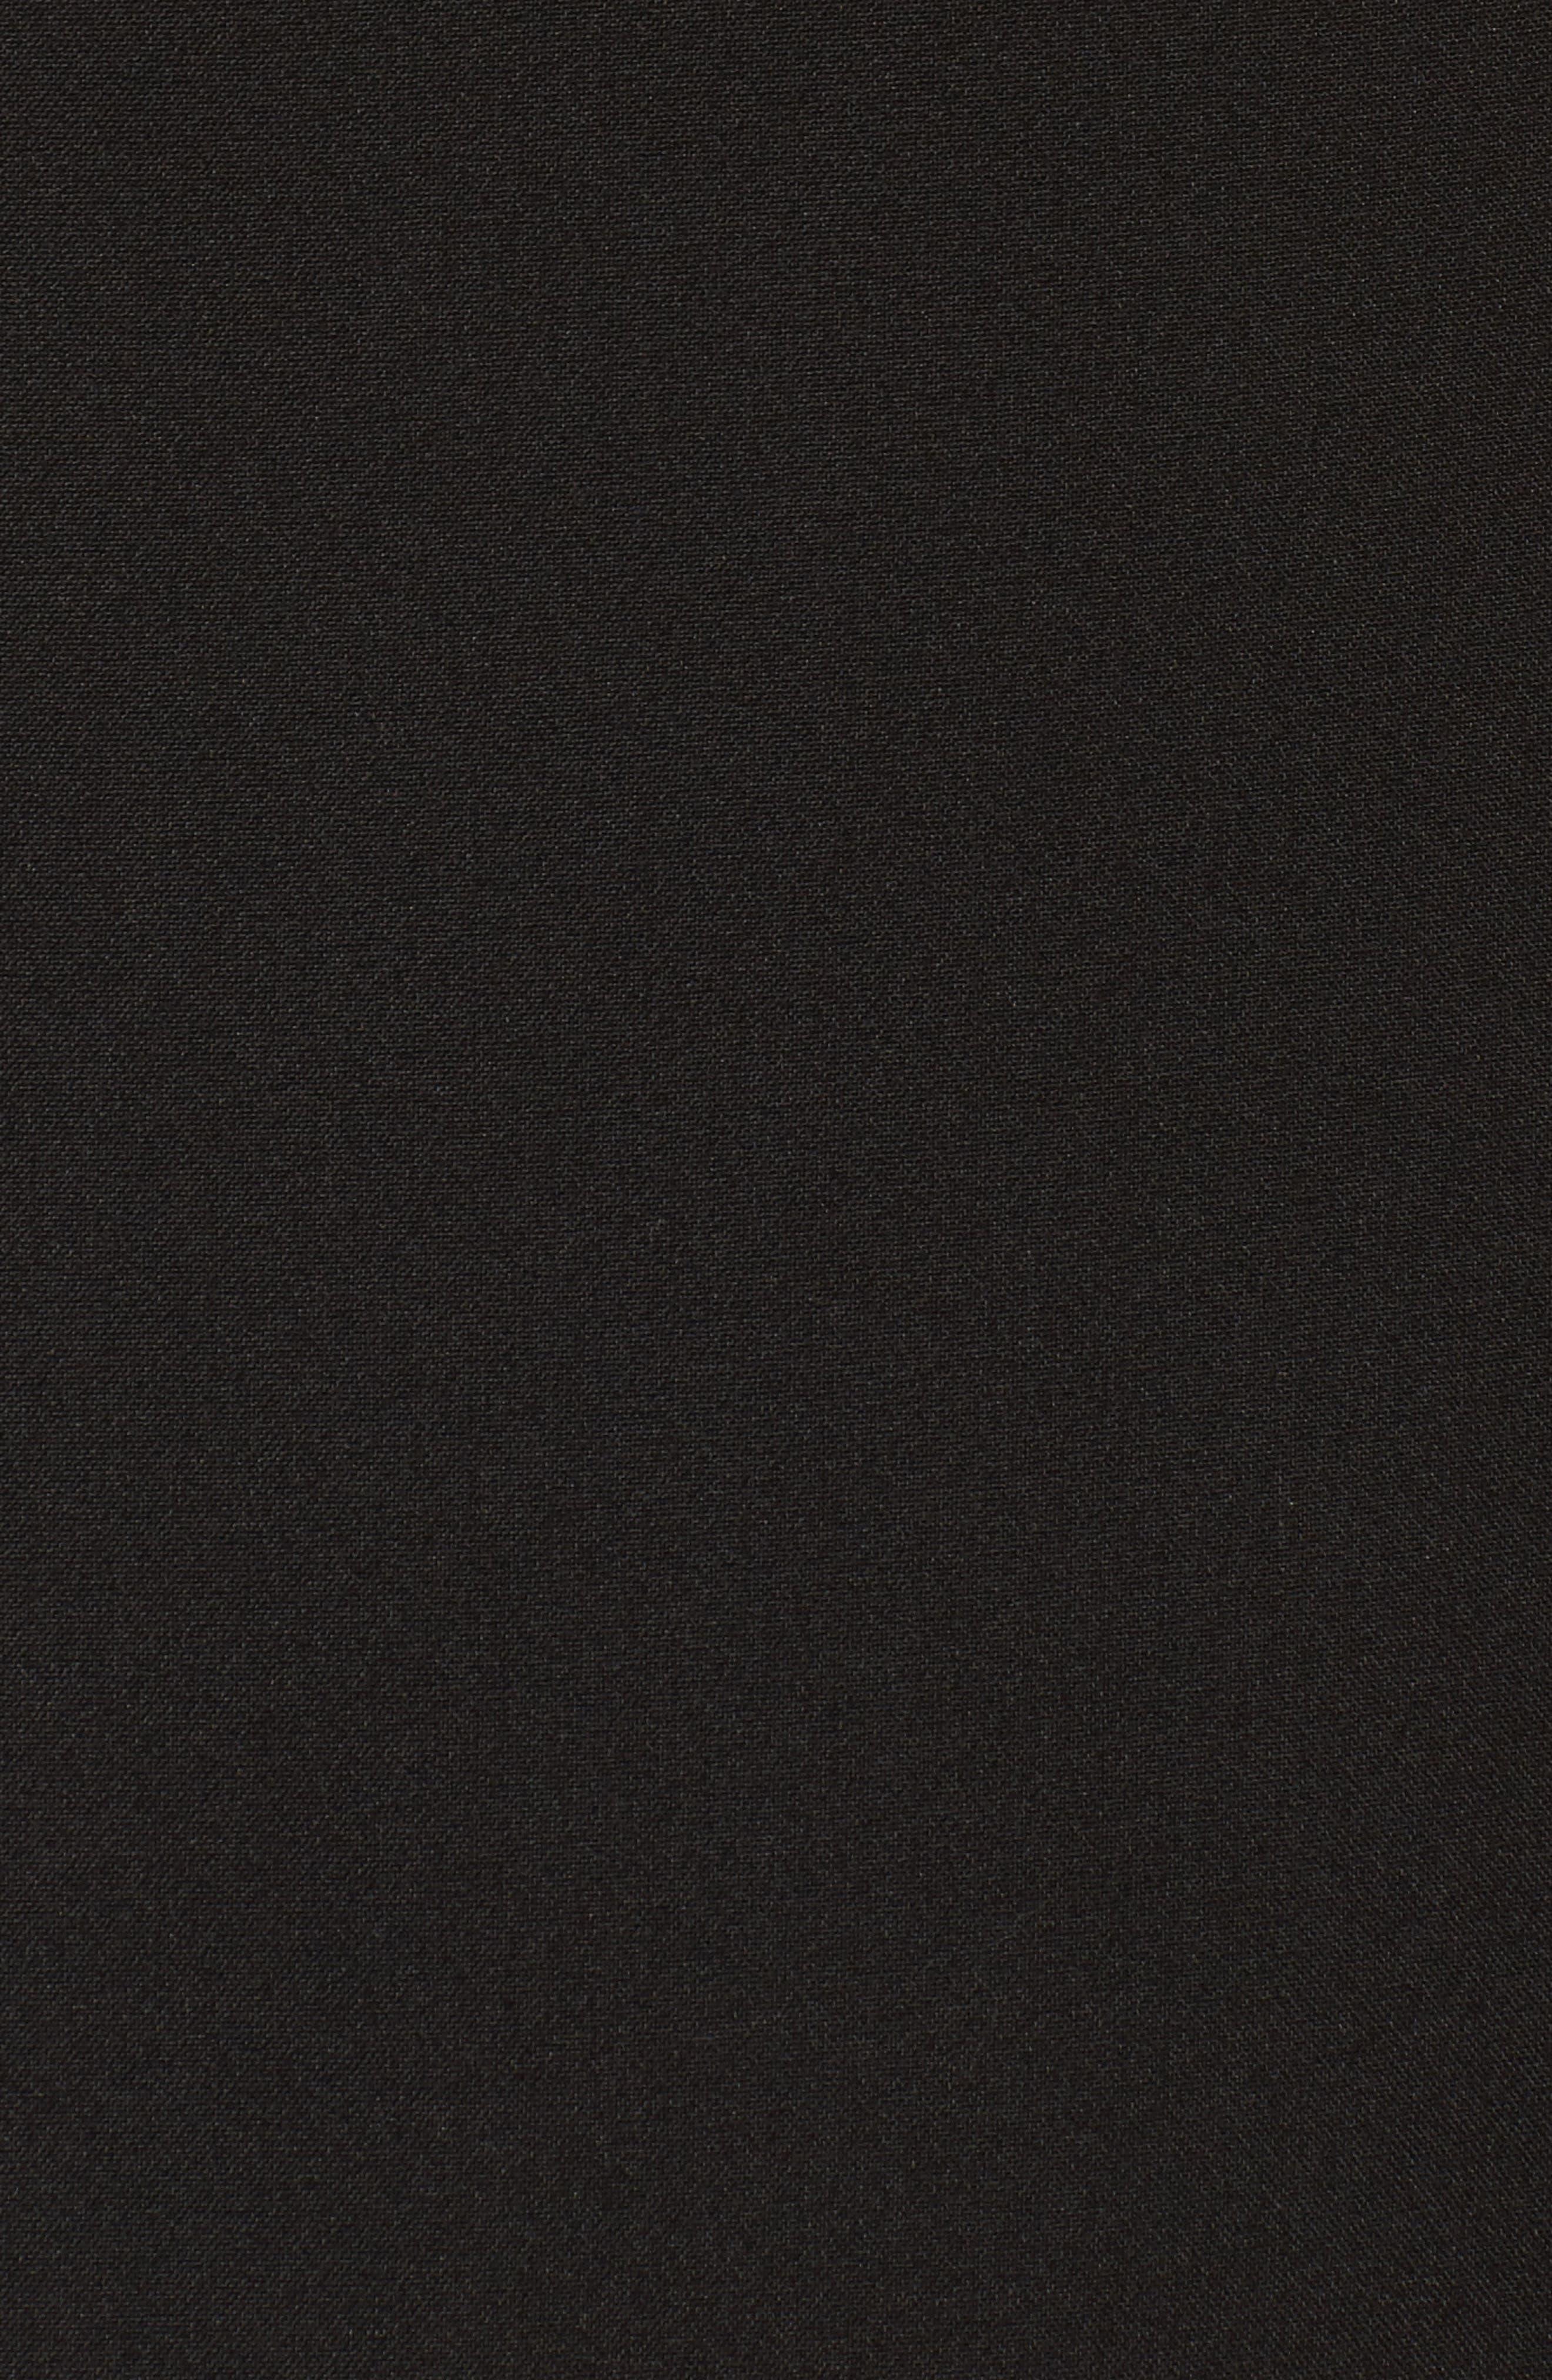 Sheath Dress,                             Alternate thumbnail 5, color,                             Black